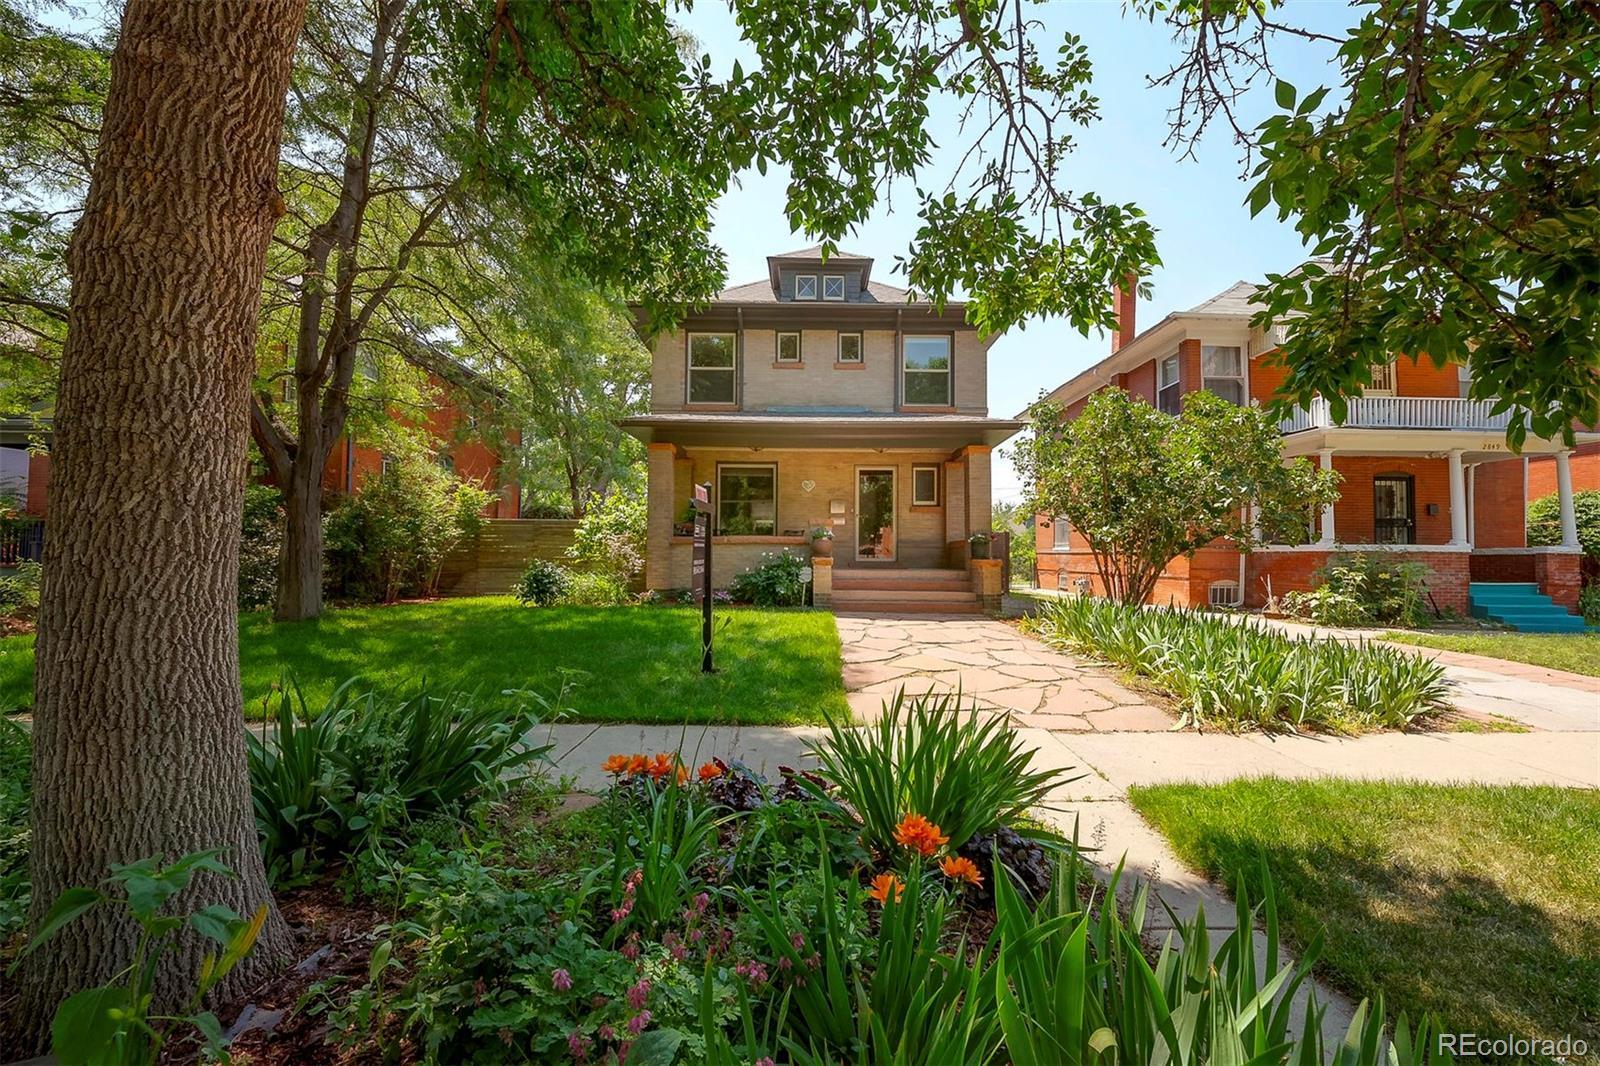 2845 N Vine Street Property Photo - Denver, CO real estate listing